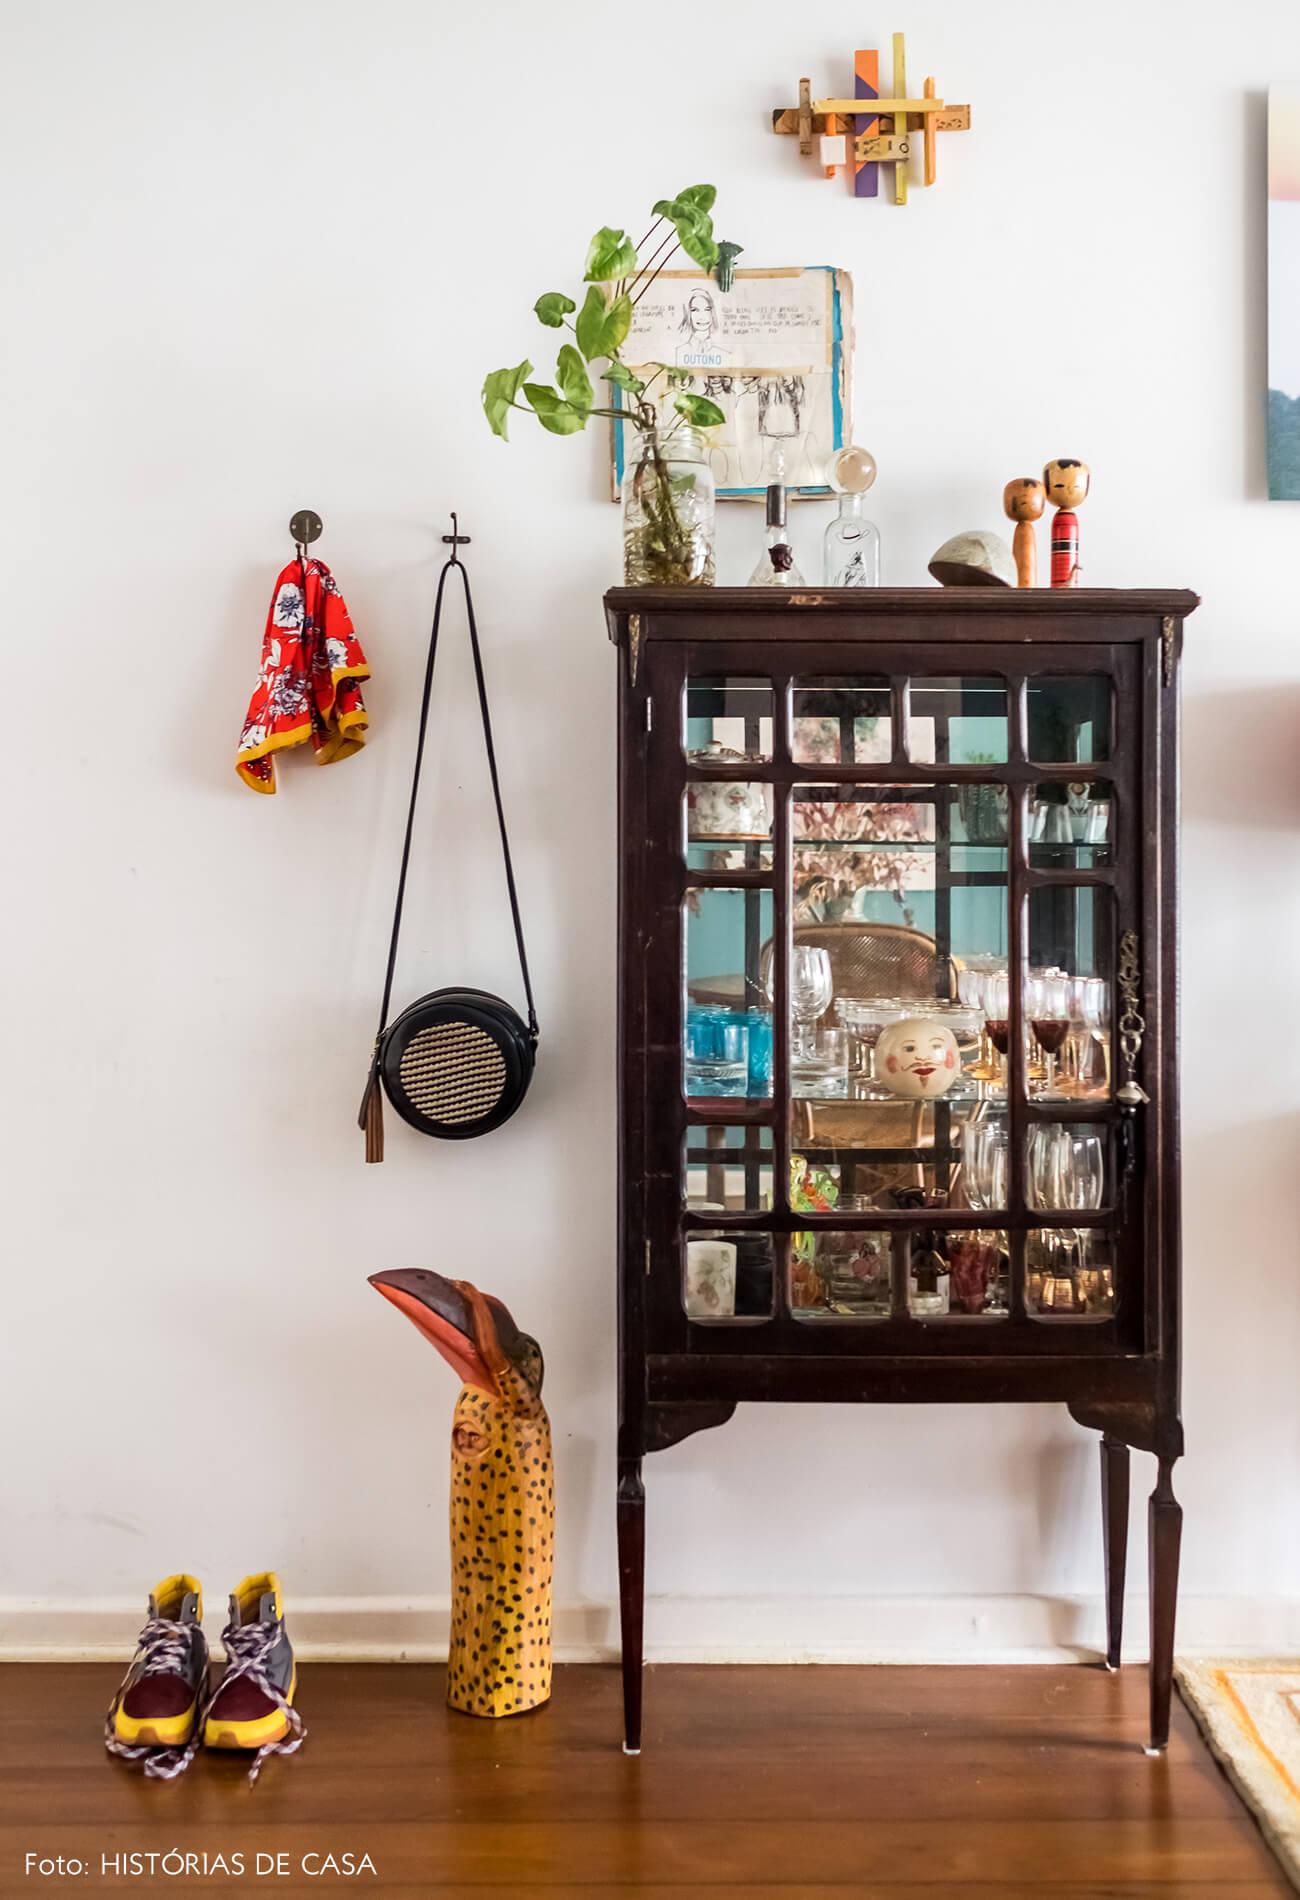 Apartamento com decoração vintage e relíquias garimpadas, como uma cristaleira na entrada da casa